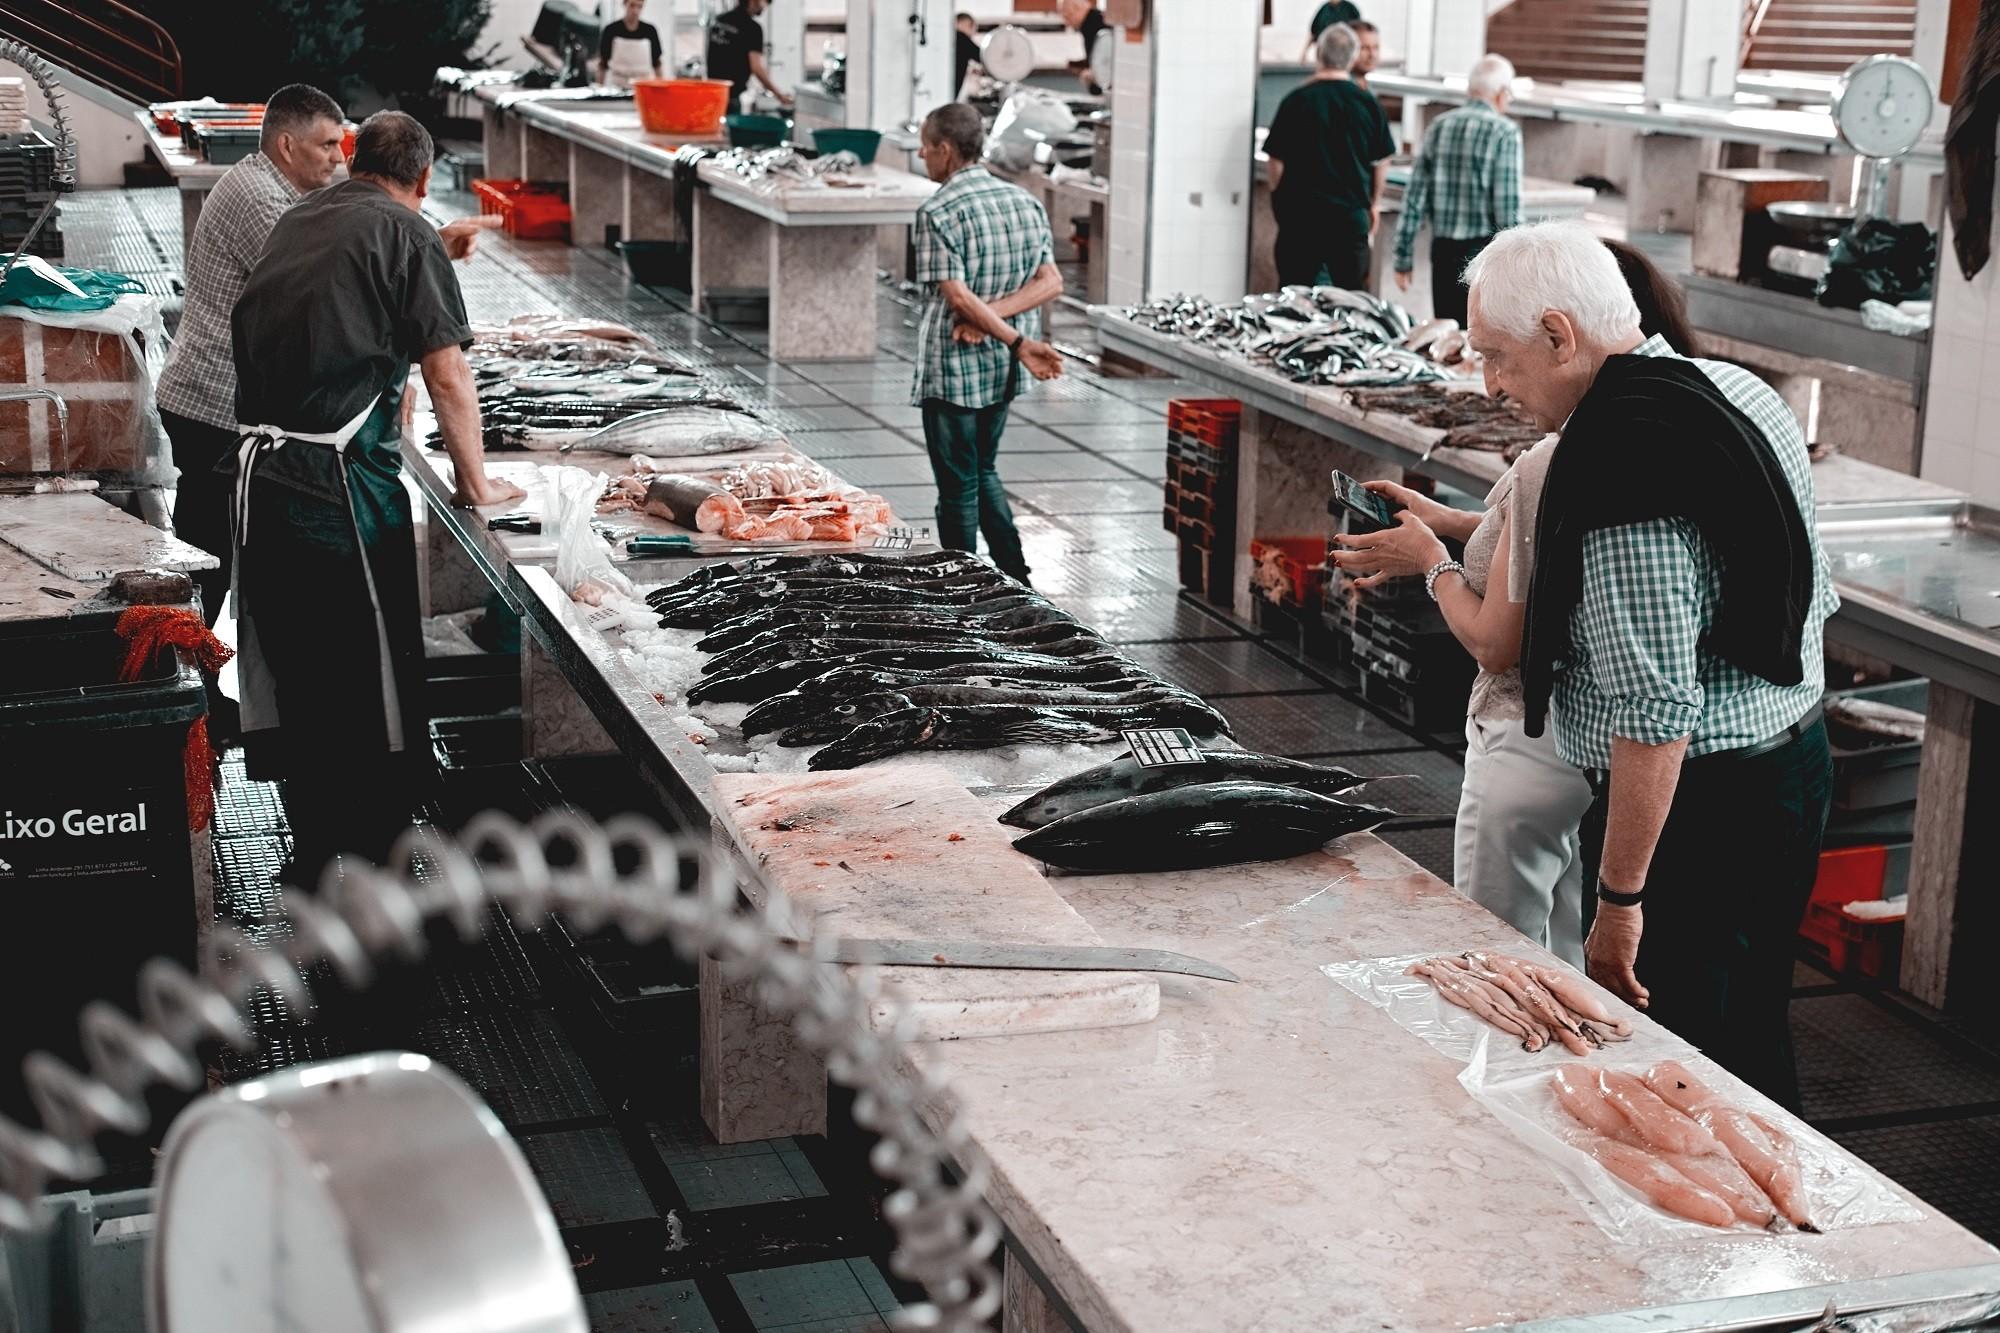 El pescado también pasa los controles sanitarios de alimentos